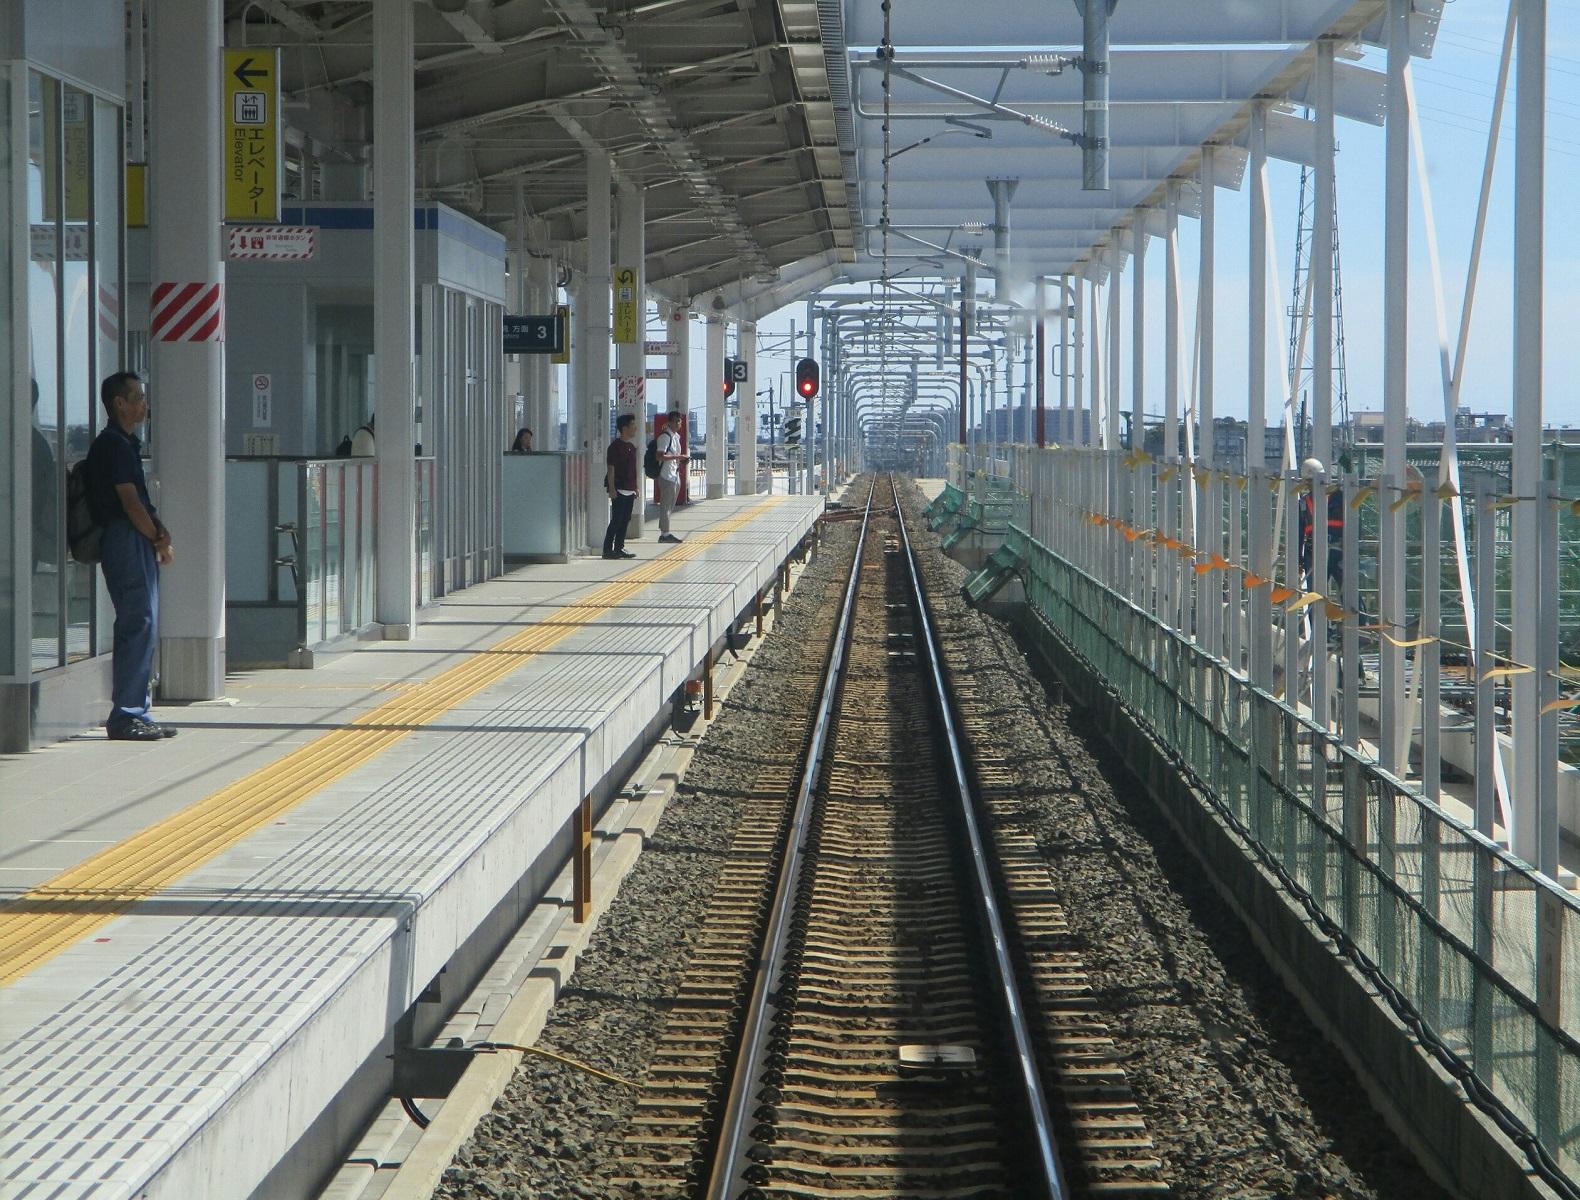 2018.8.17 (87) 内海いき急行 - 布袋 1580-1200